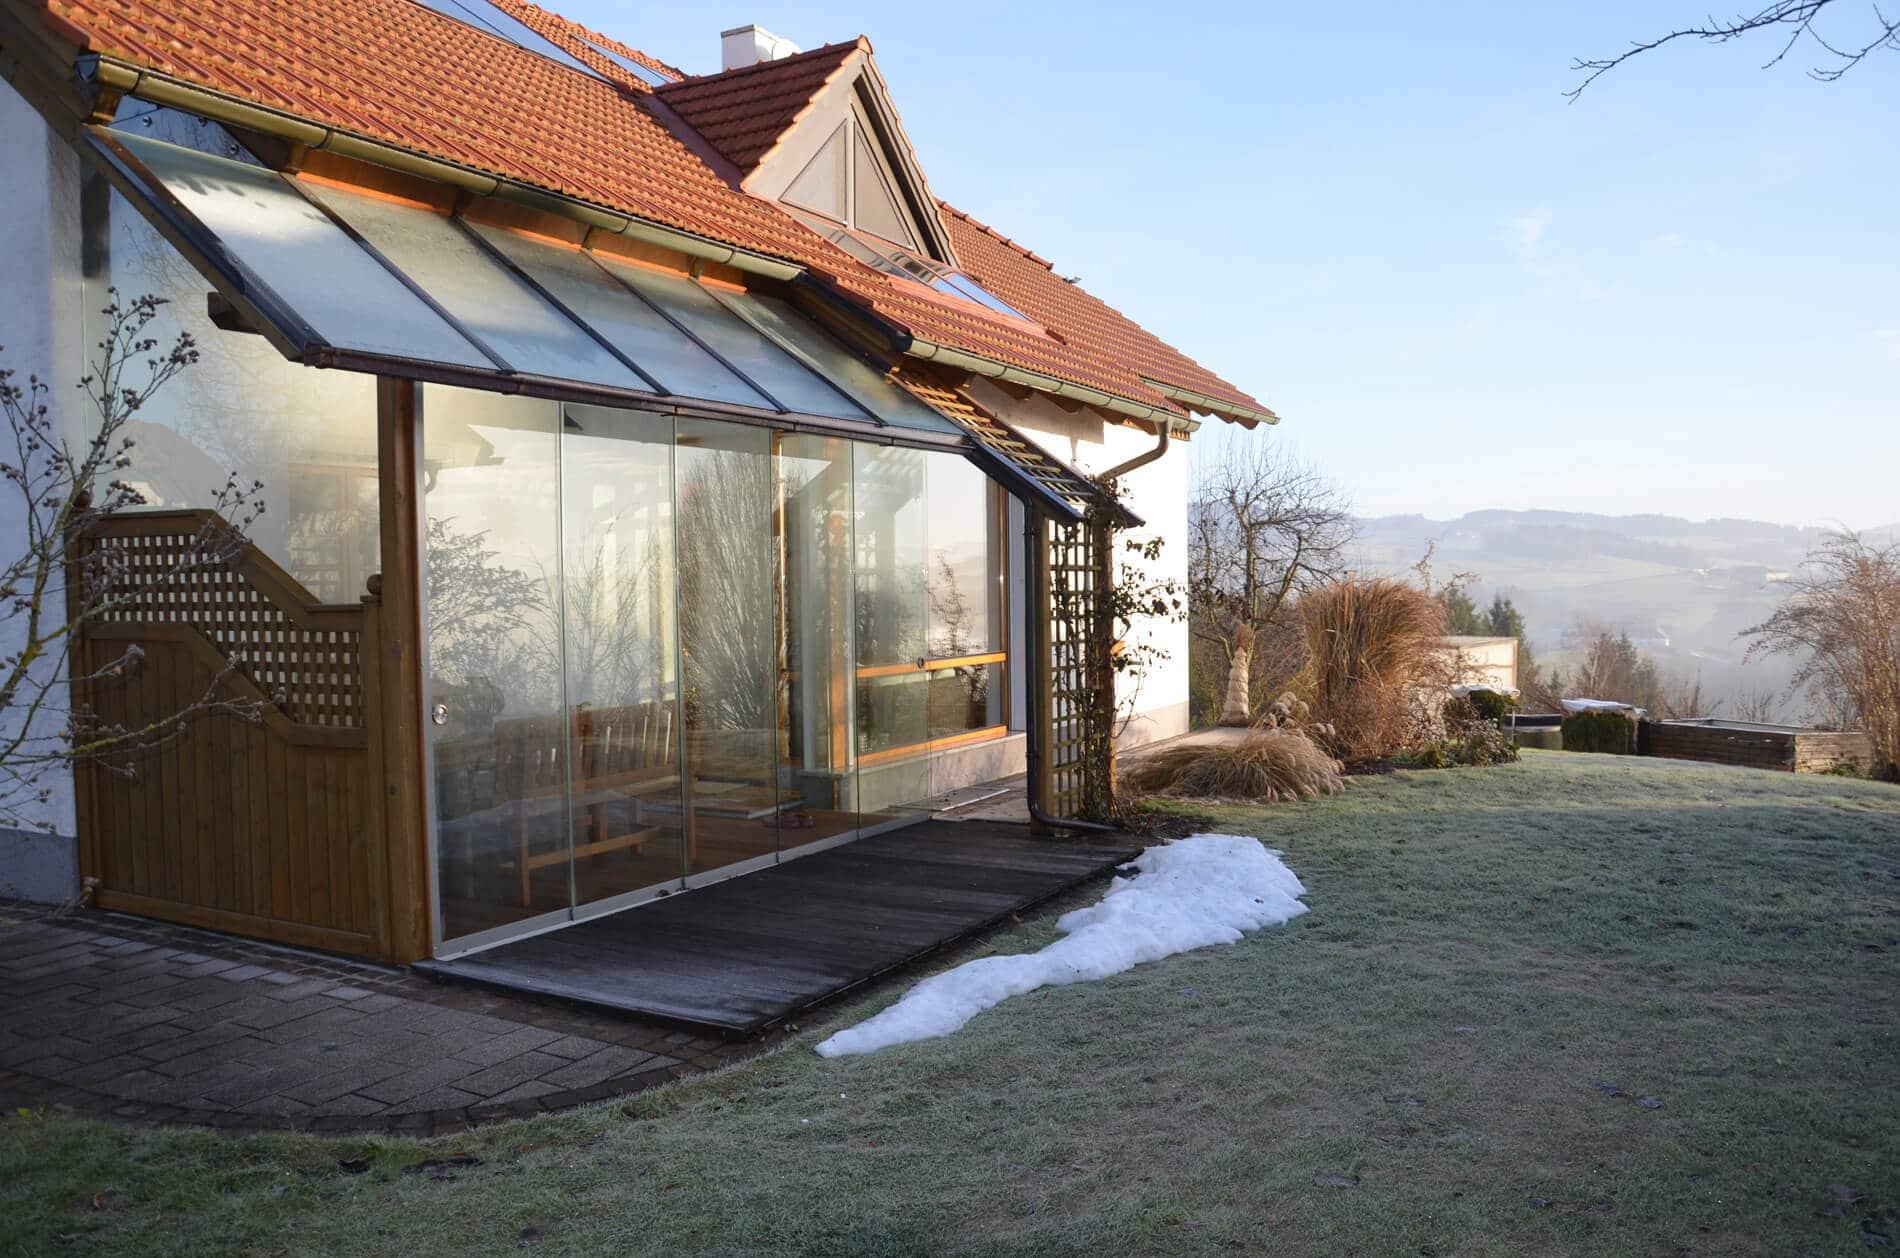 Sommergarten - preiswerter Wintergarten